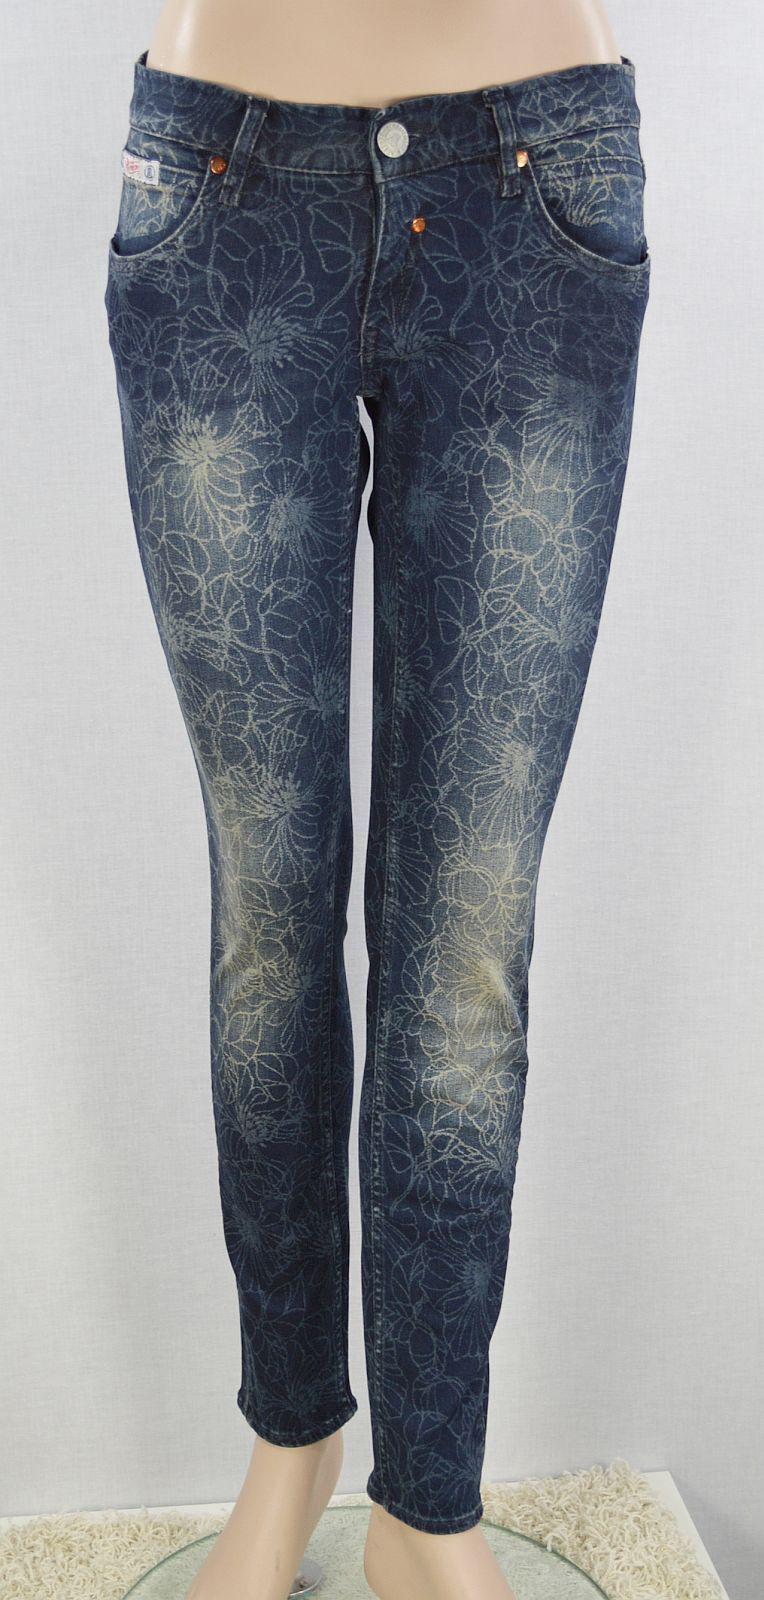 Herrlicher Touch Slim 5705 Damen Jeans Hosen fashion outlet jeans sale 3-1241